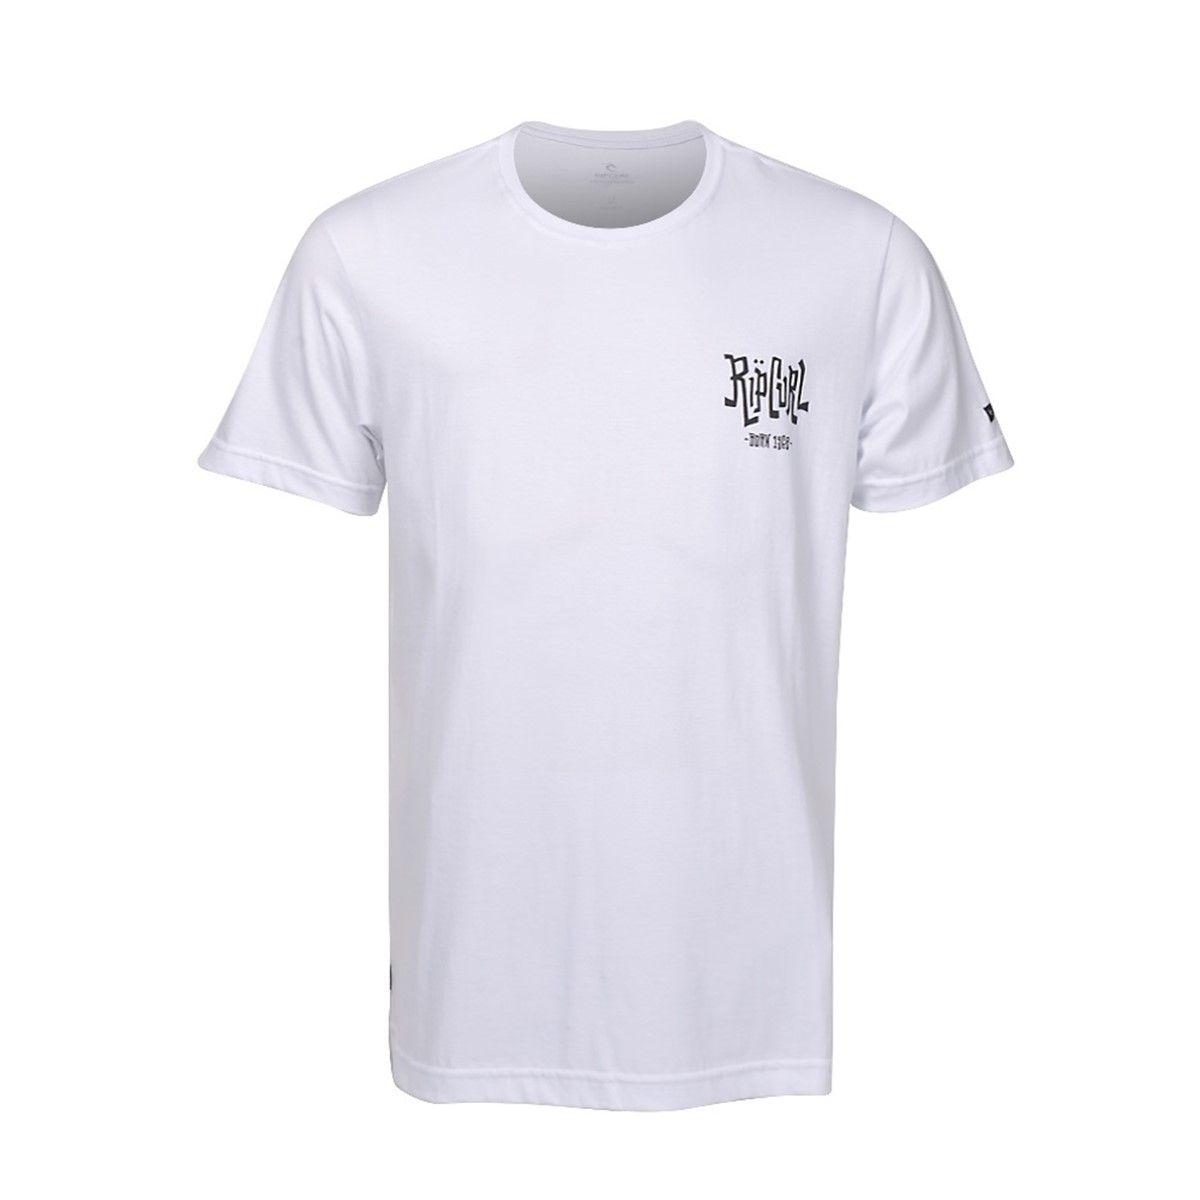 Camiseta Rip Curl Schorched White